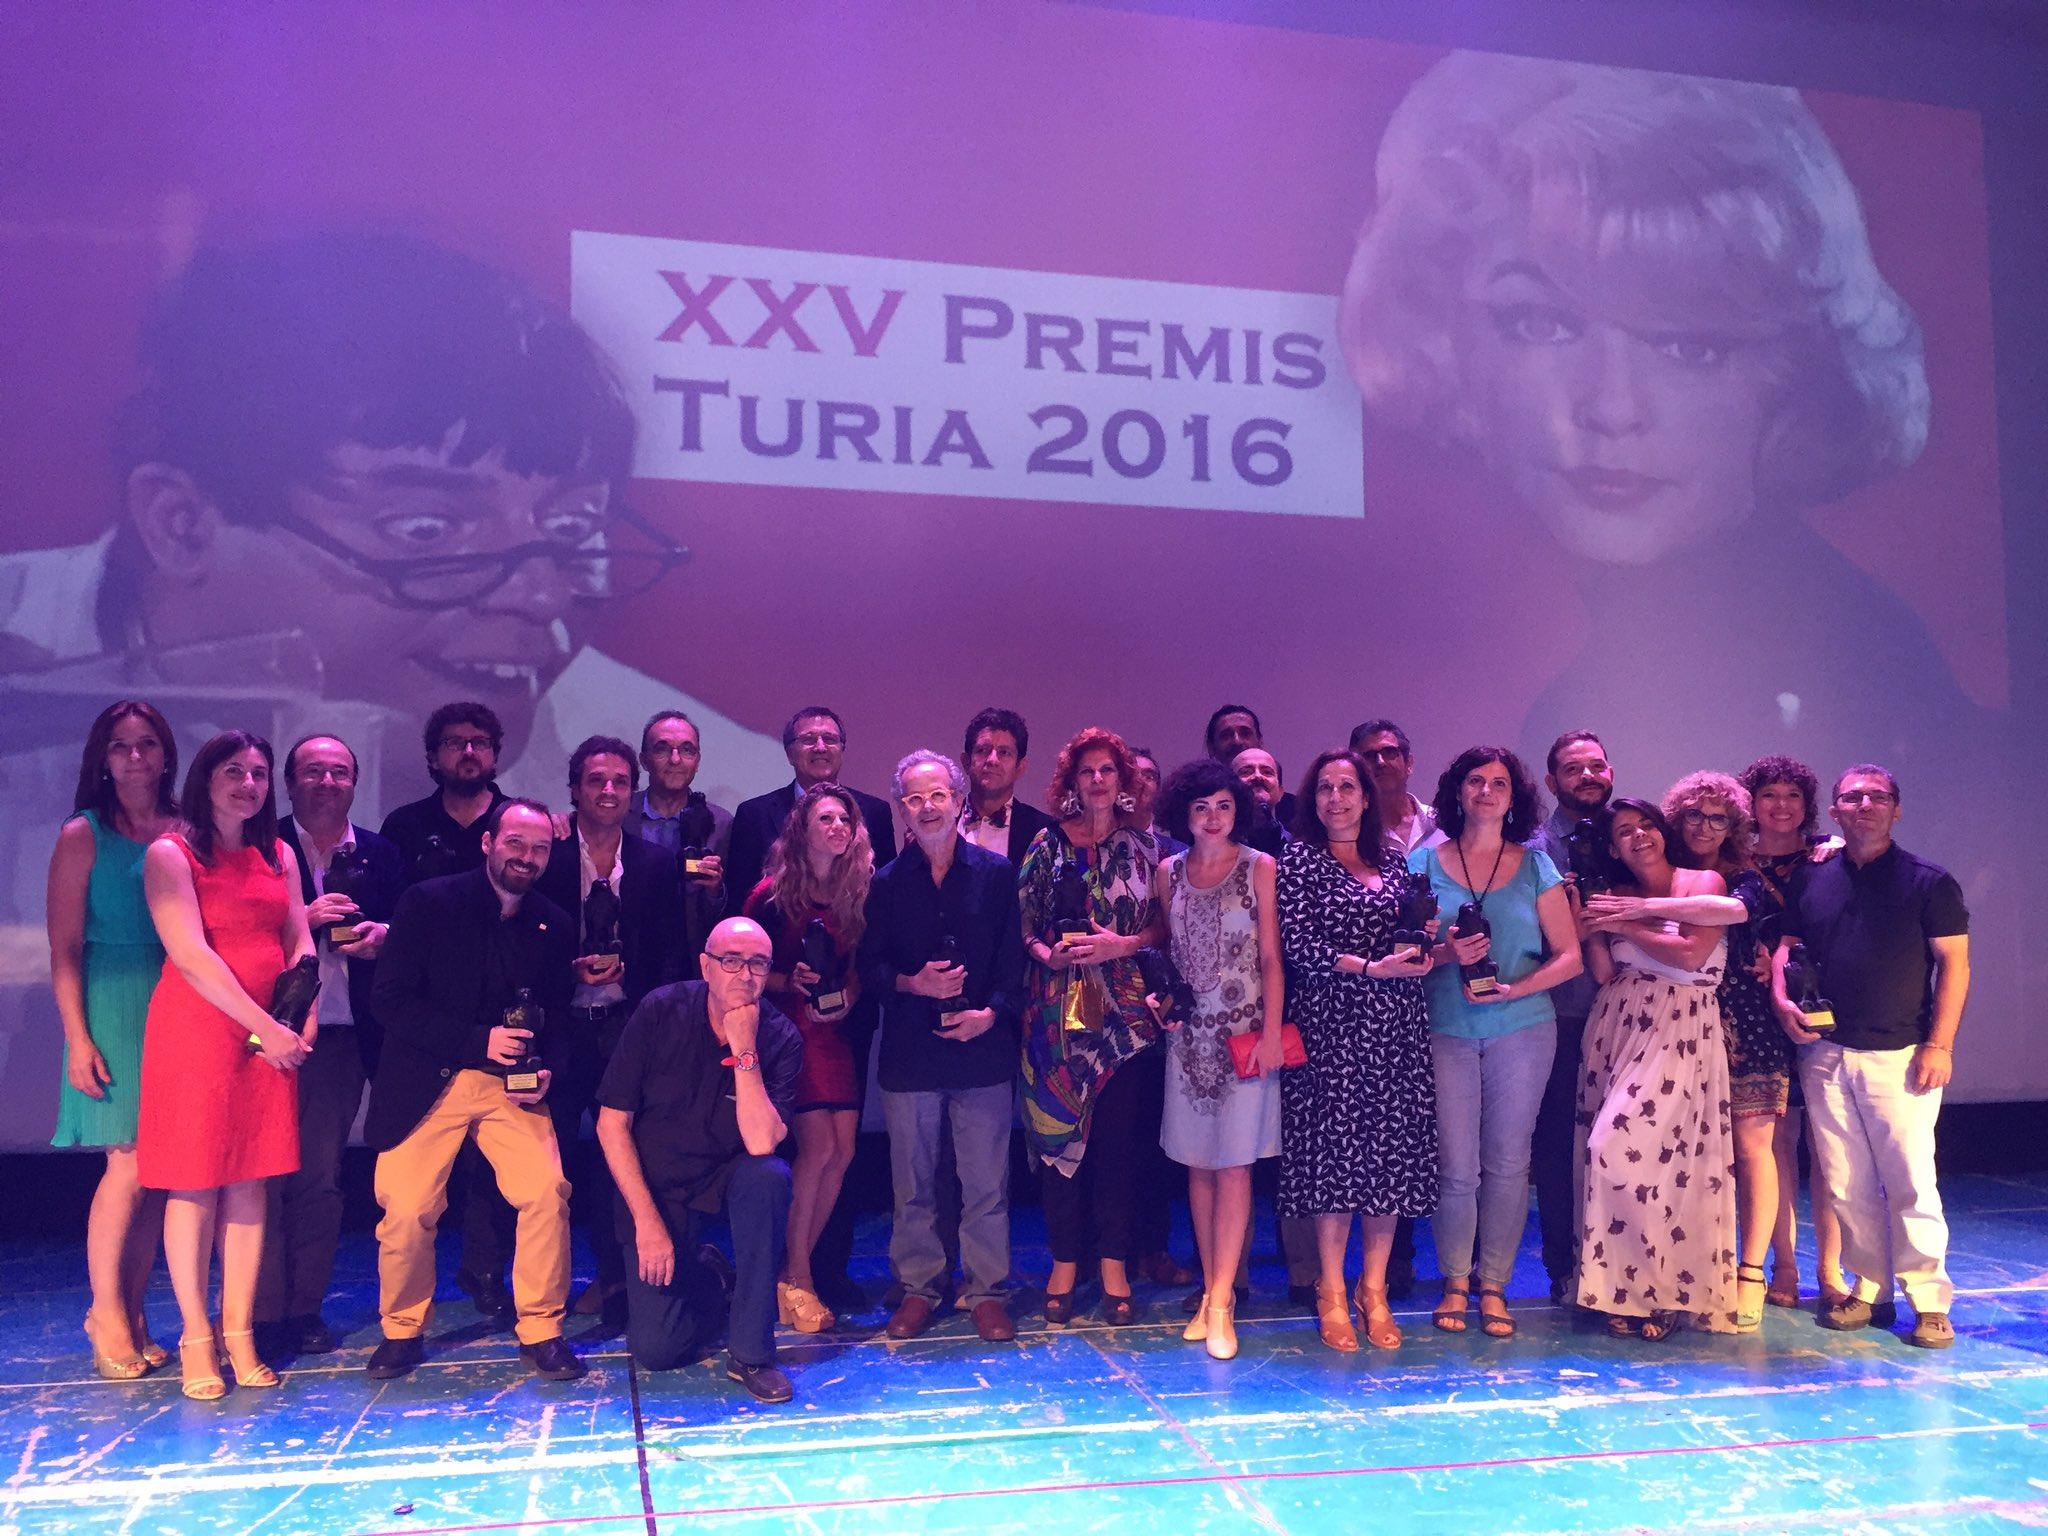 Premios Turia 2016